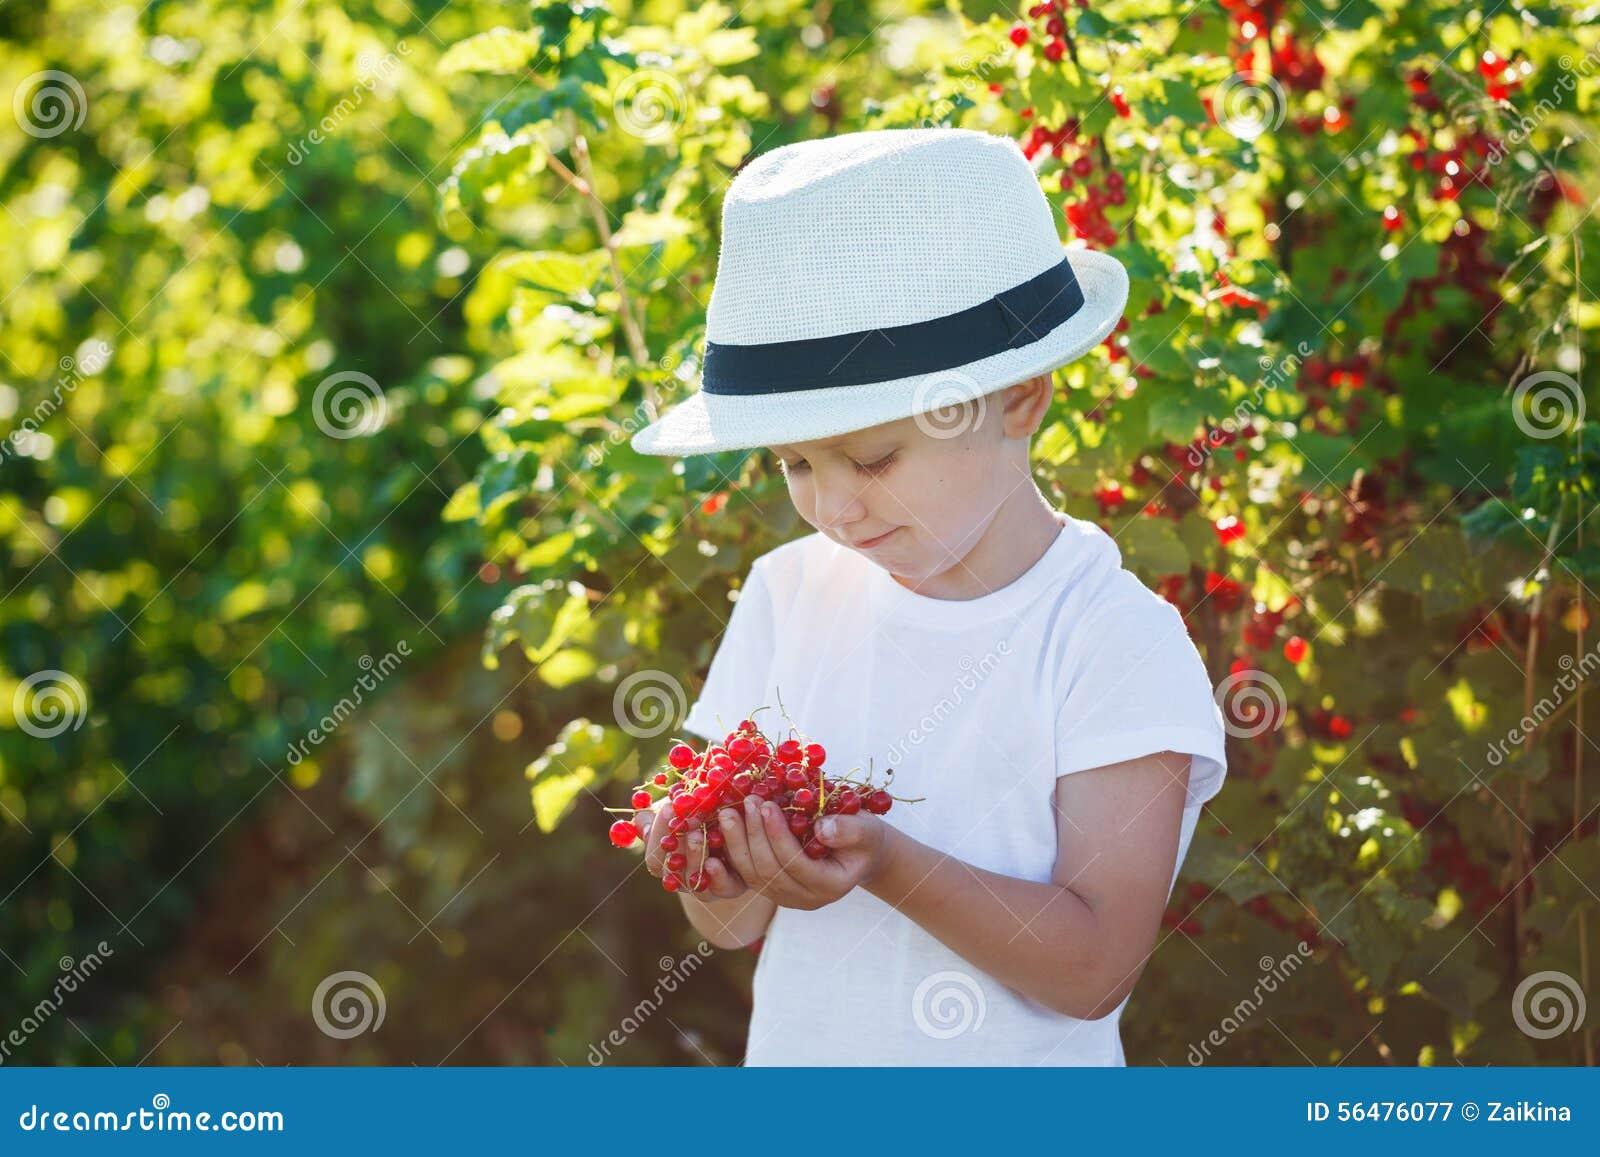 Petit garçon heureux tenant une groseille rouge dans un jardin